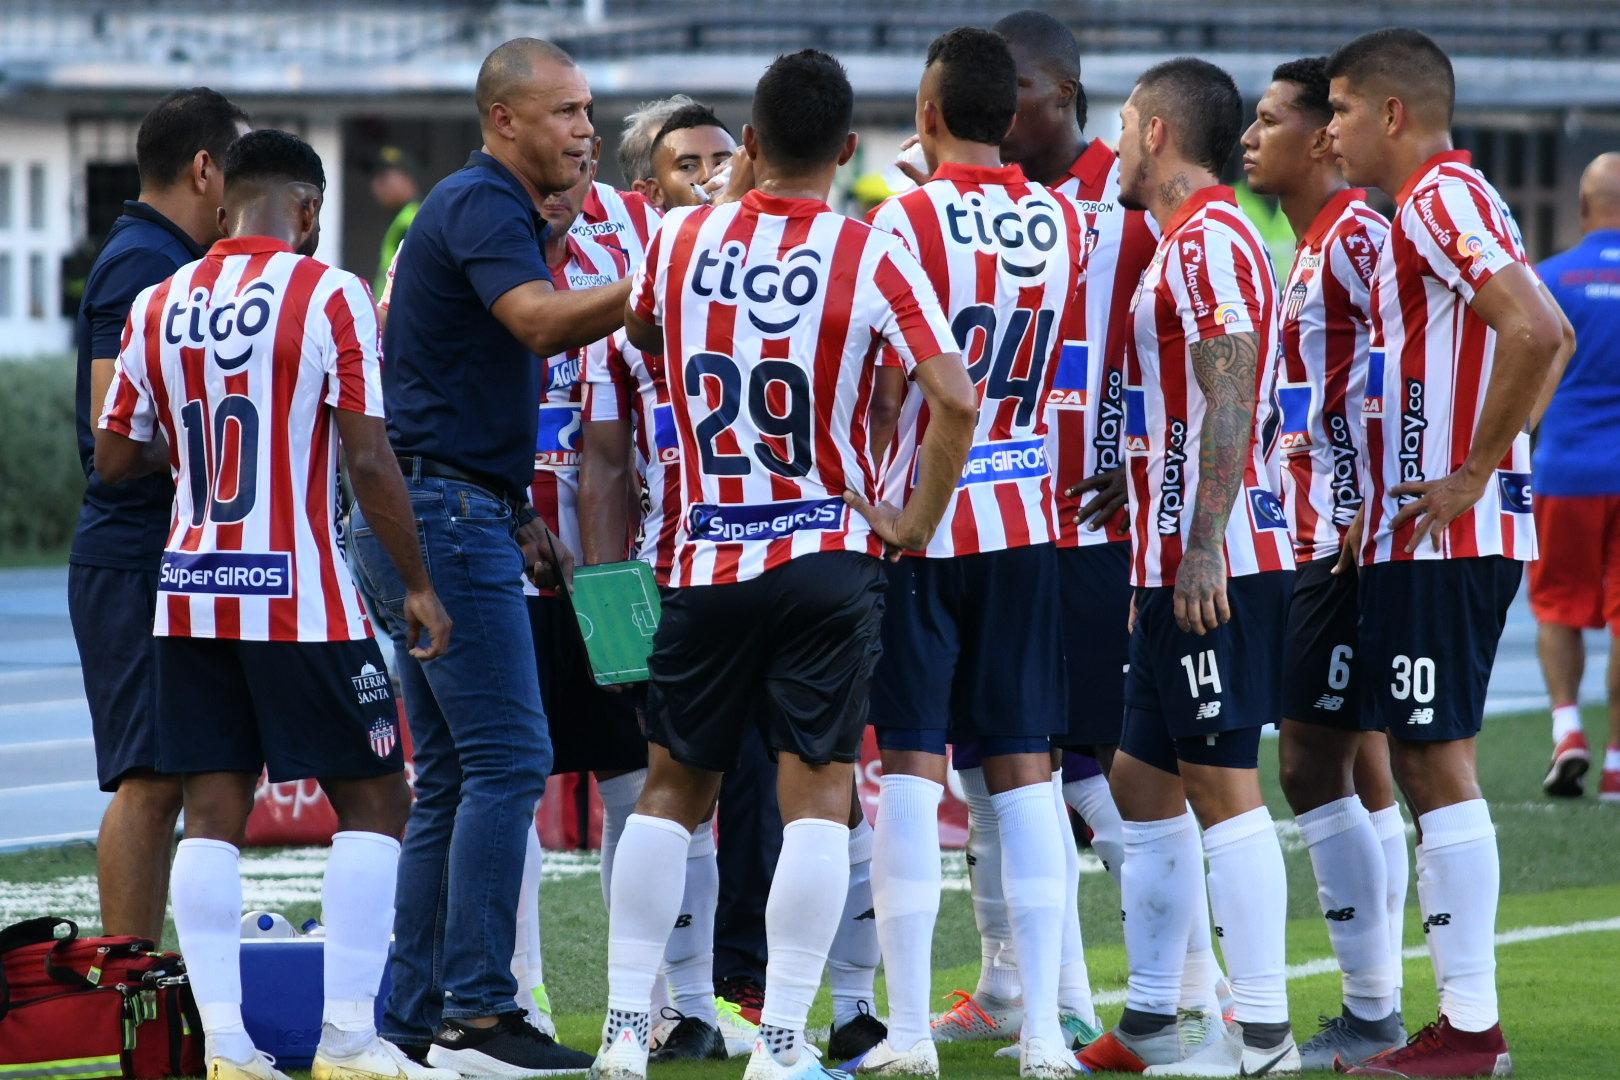 Roberto Peñaloza (AT) dialoga con los jugadores.